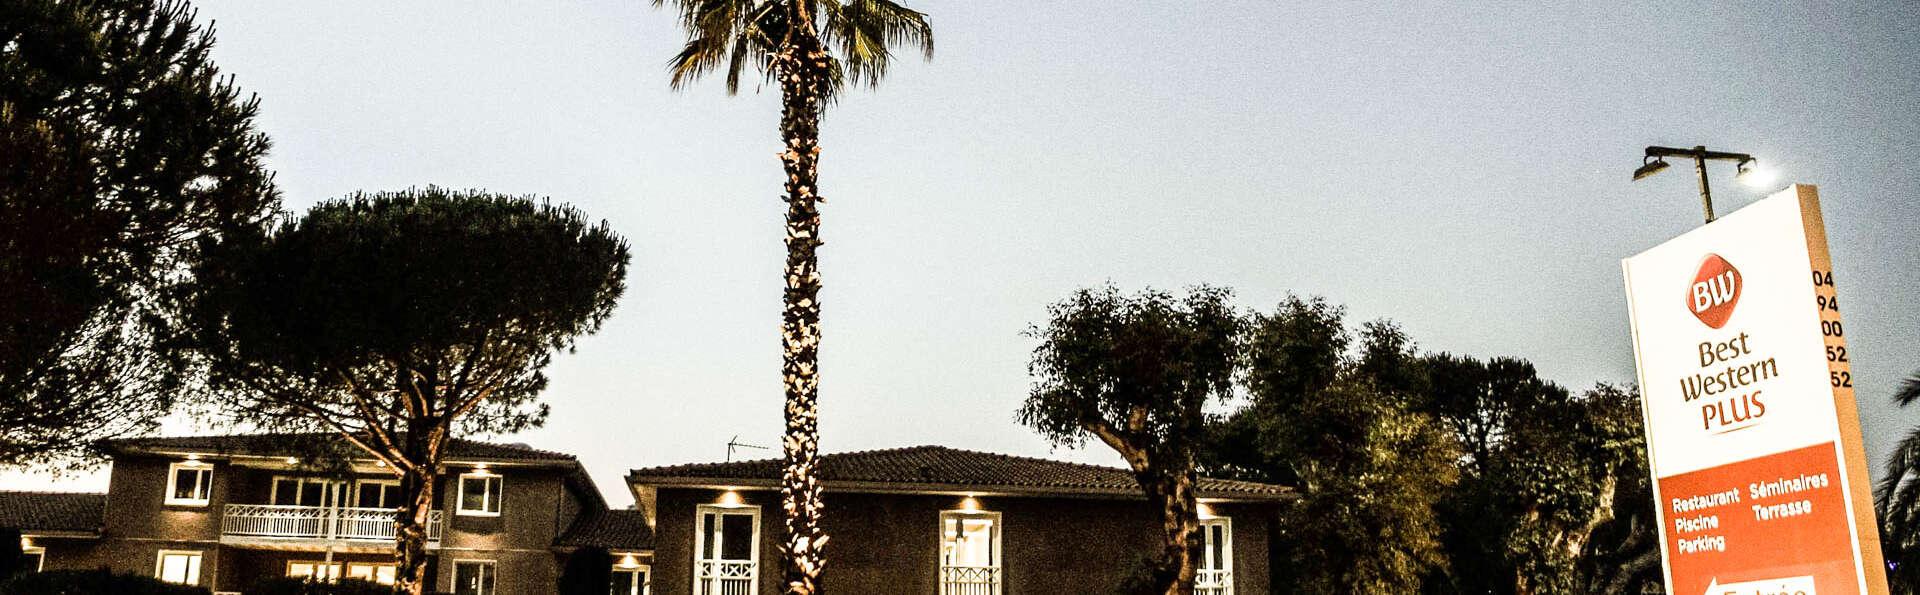 Escapade d'hiver sous les palmiers de Hyères !